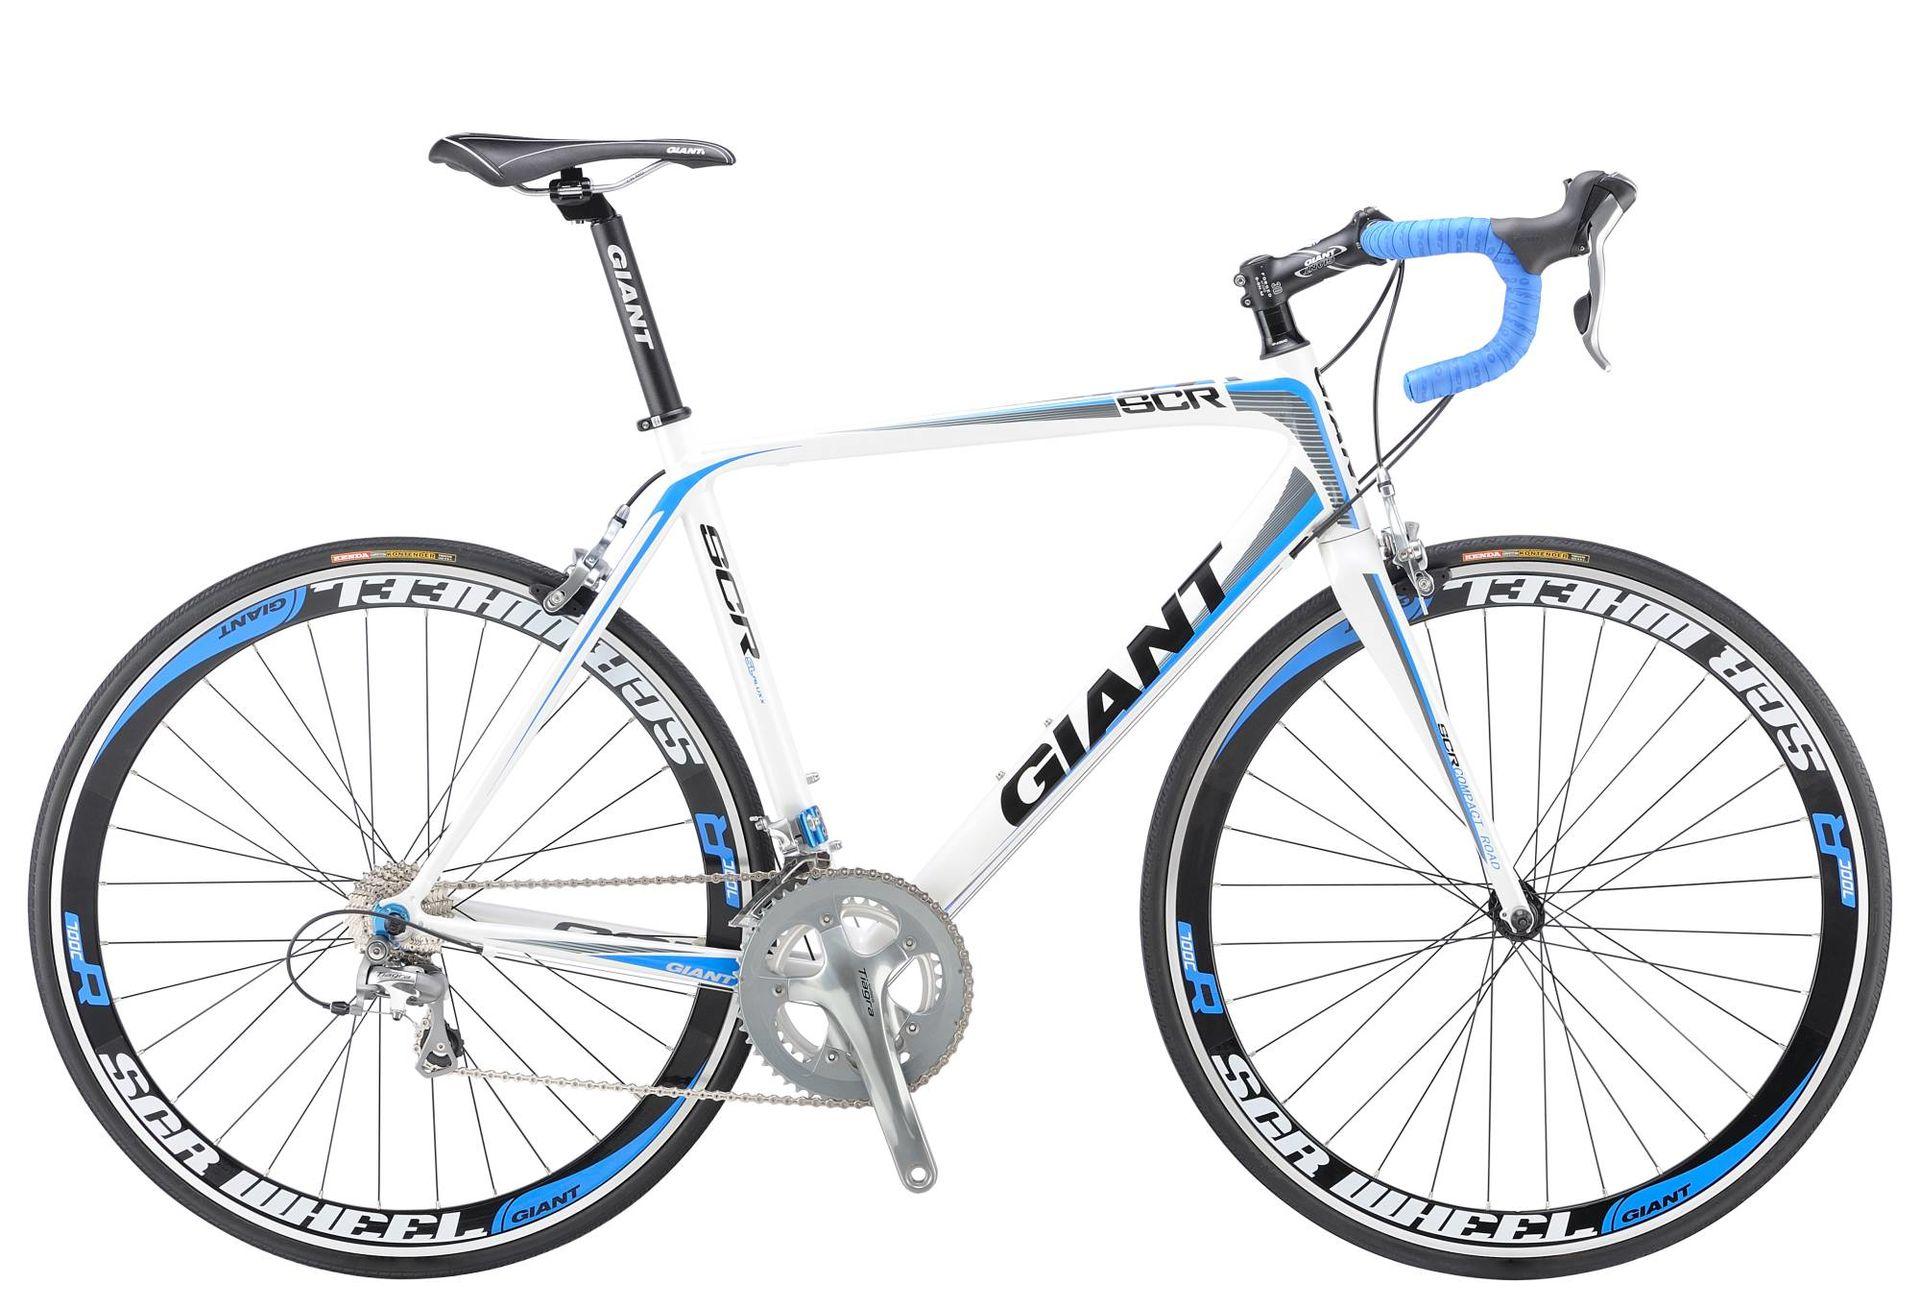 Fatbike  велосипед с широкими колесами отзывы описание